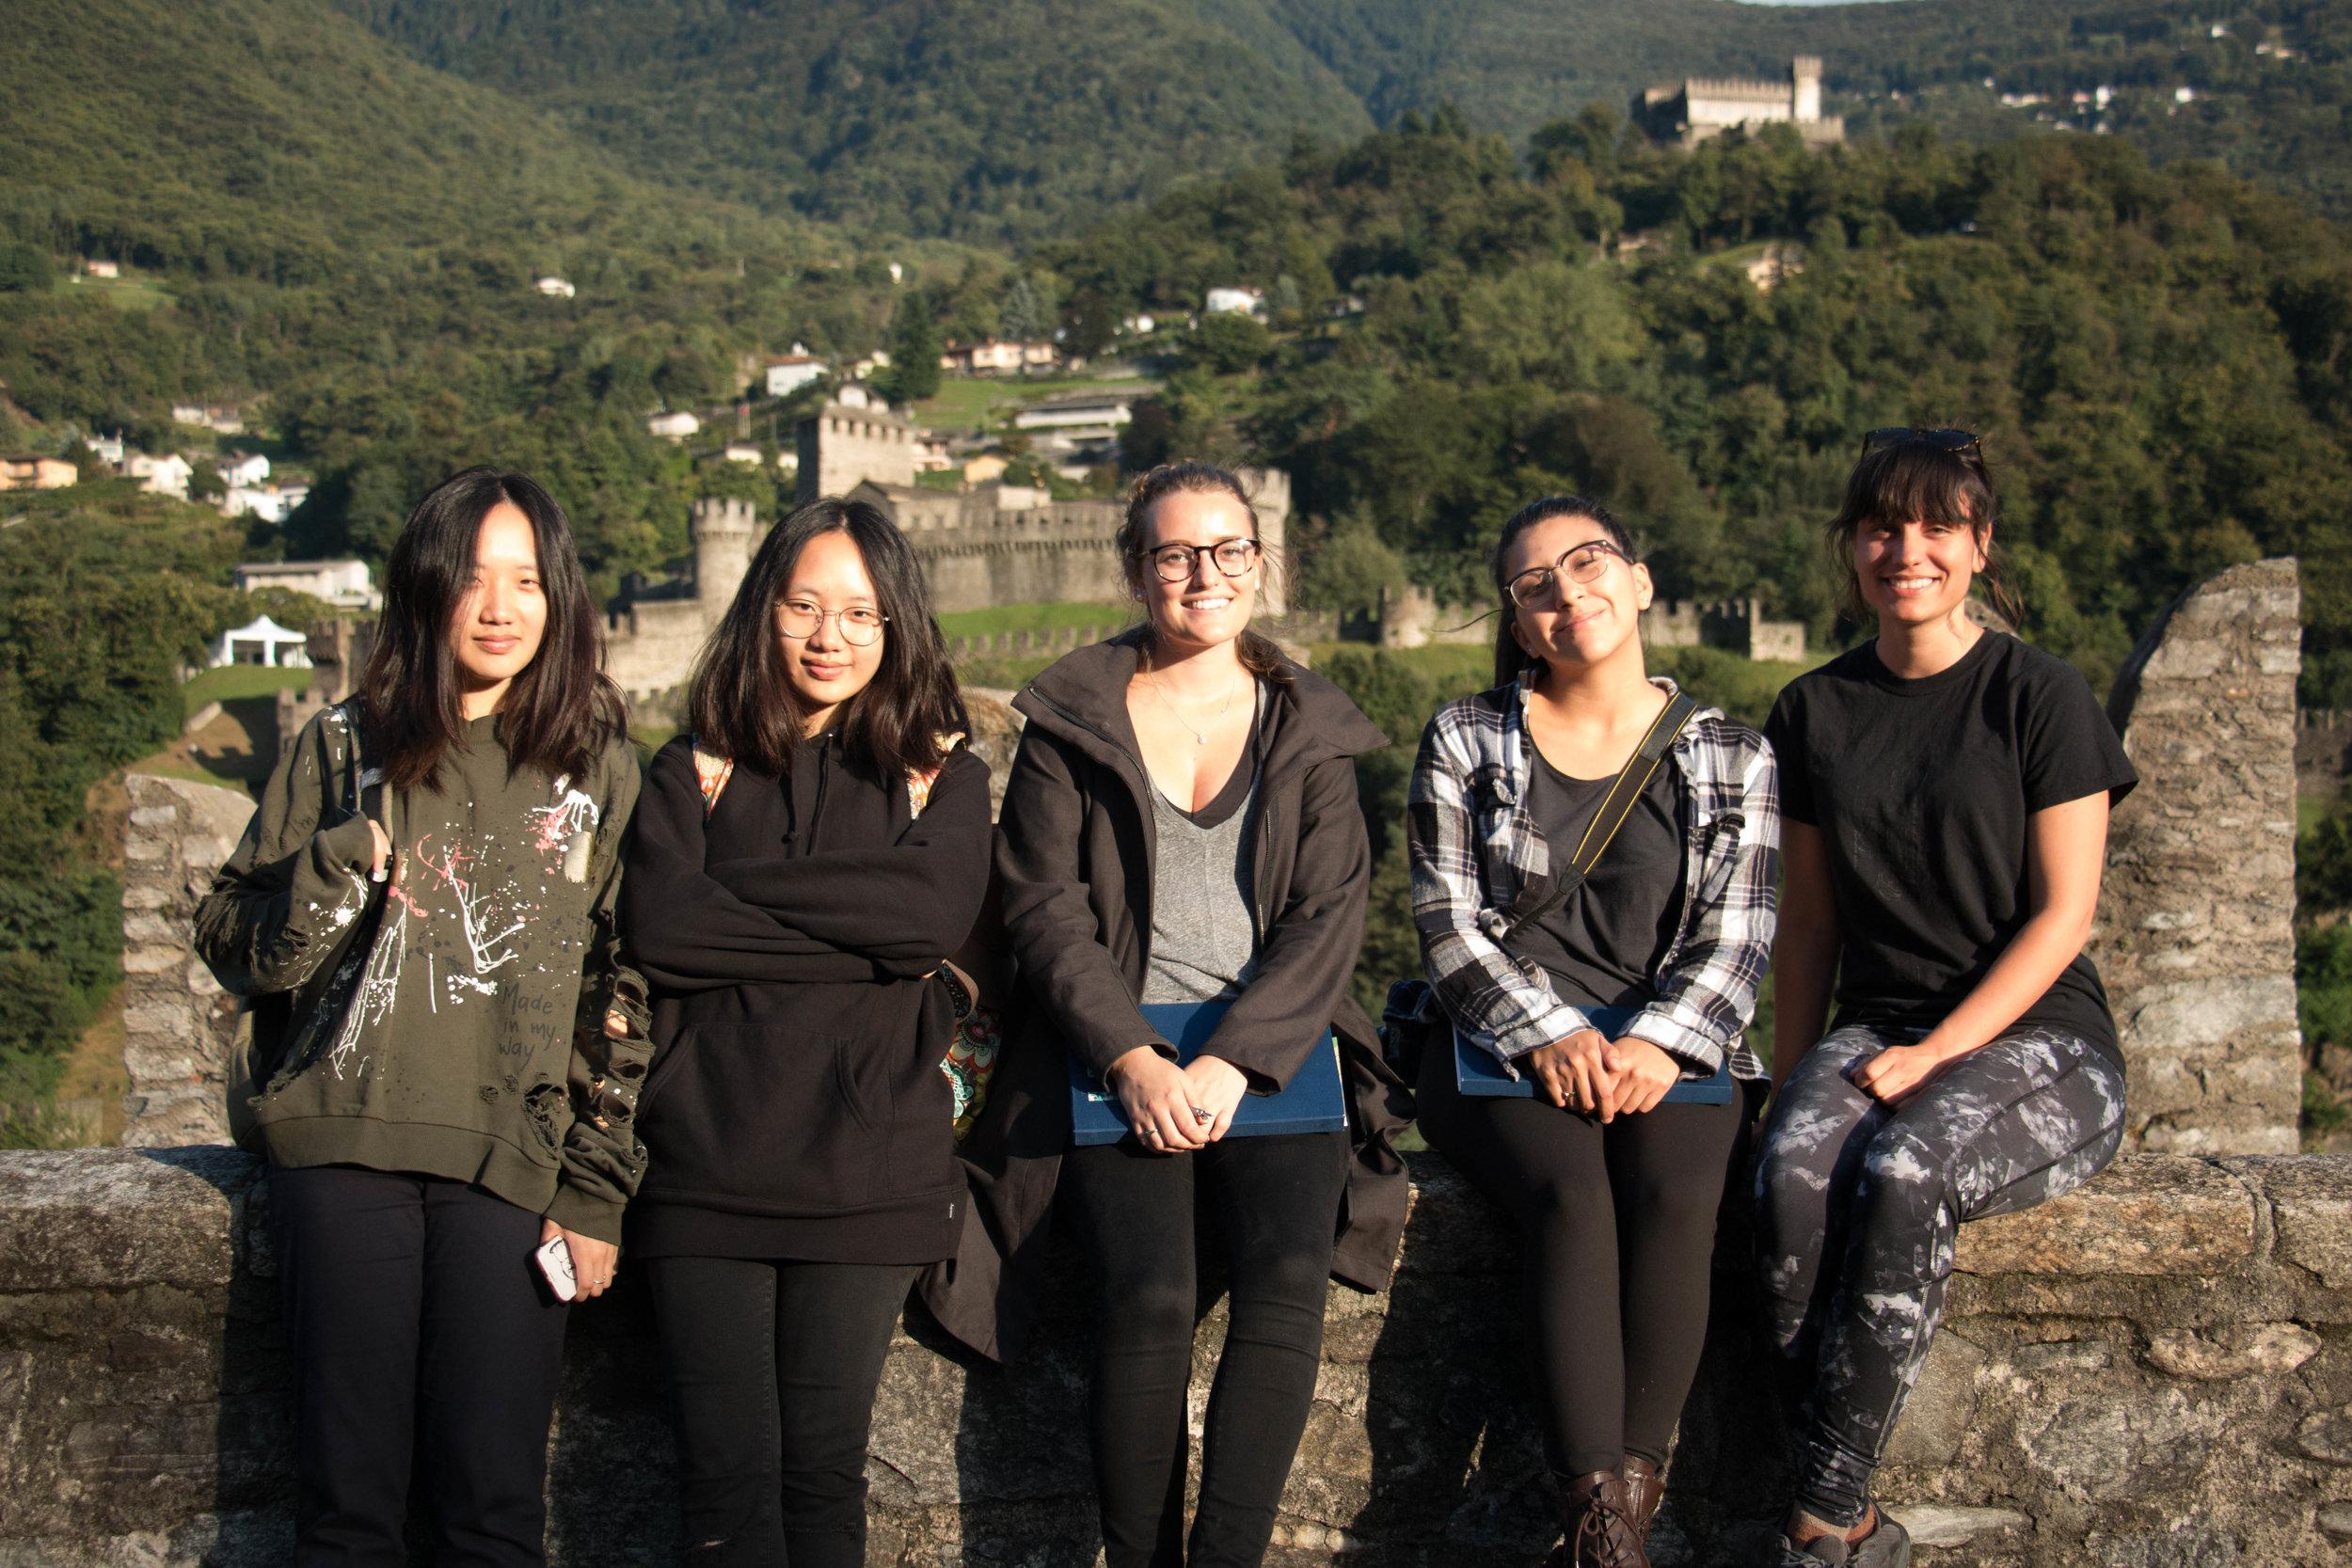 Isabel with her Foundation in Architecture students on a field trip to visit Aurelio Galfetti's restoration/intervention at Castelgrande in Bellinzona, Switzerland.